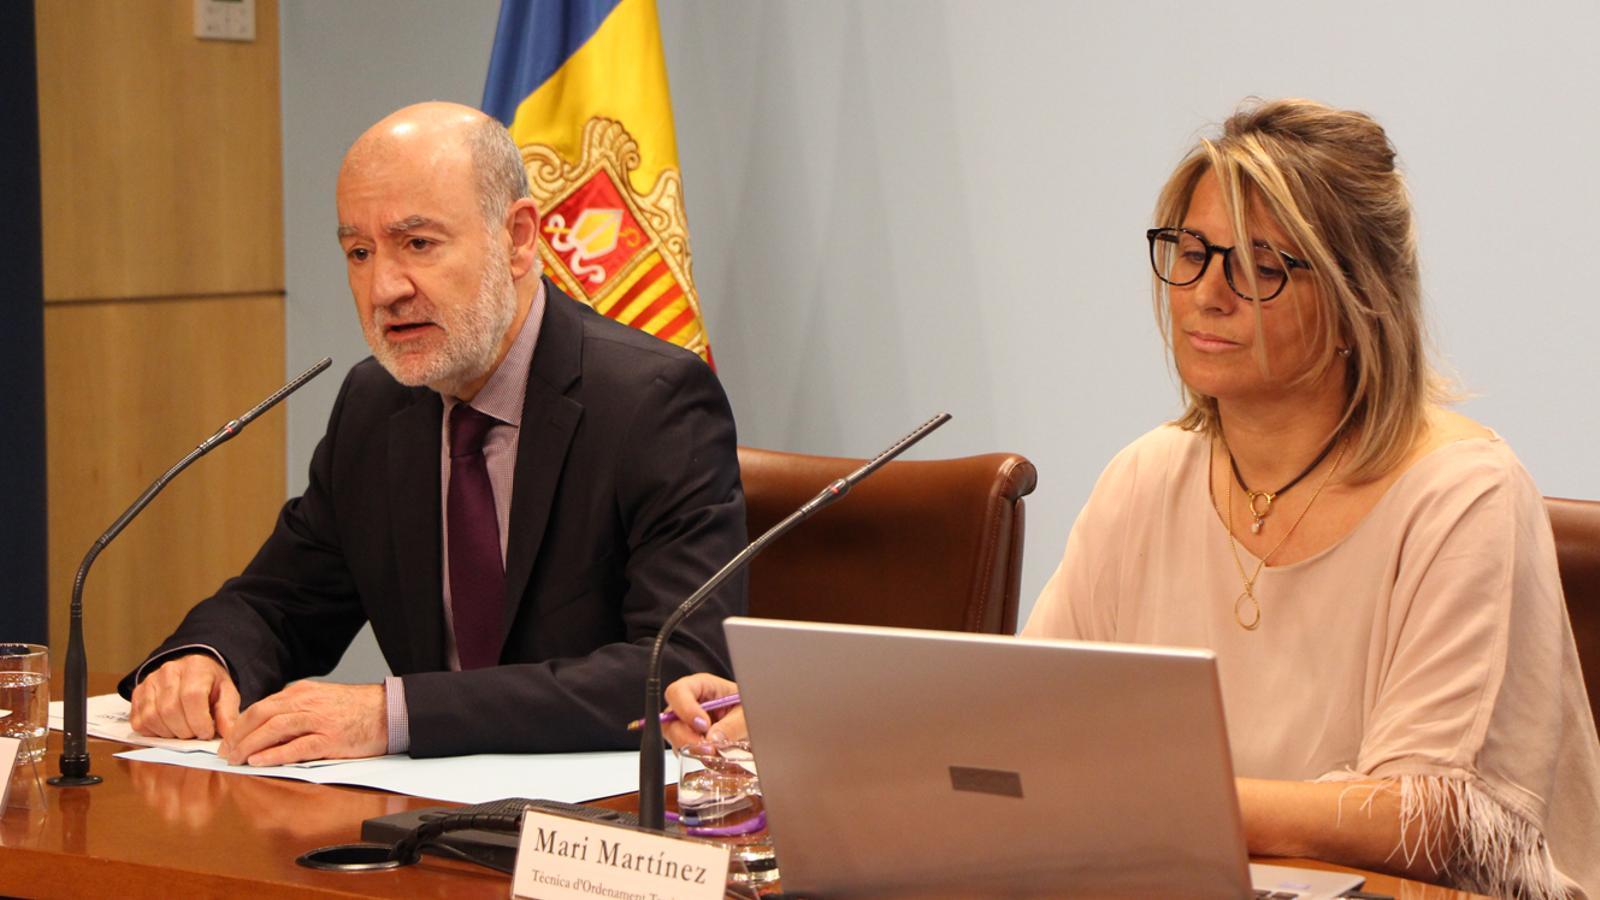 Manel Riera i Mari Martínez, presentant les propostes. / M. T. (ANA)